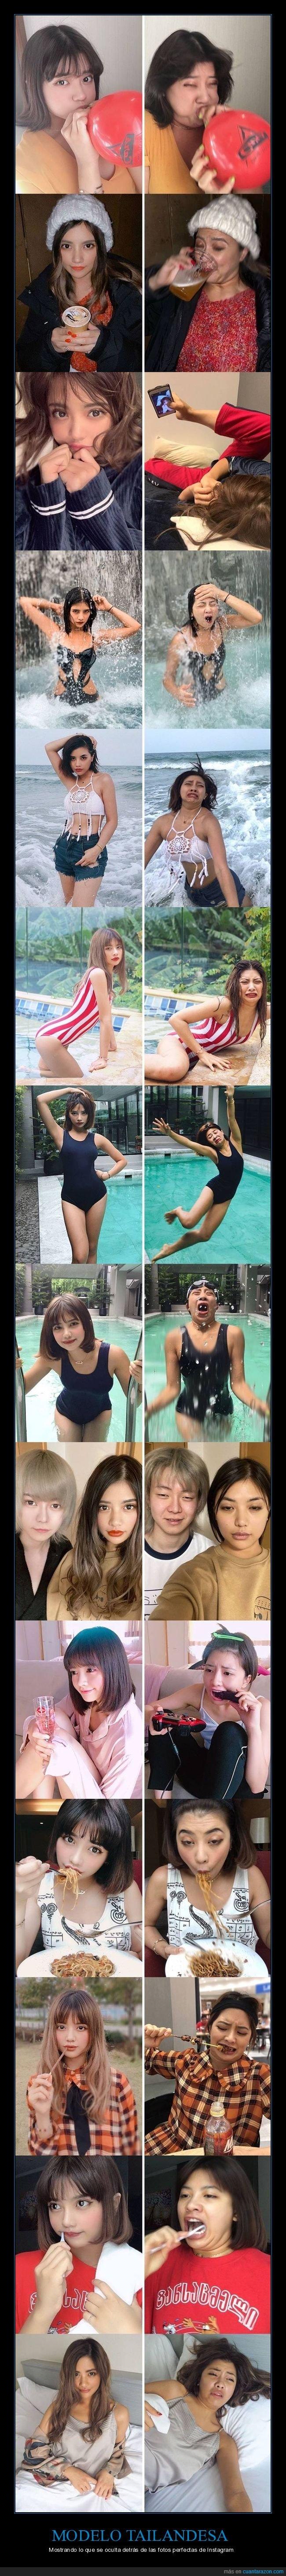 fotos perfectas,instagram,modelo,tailandesa